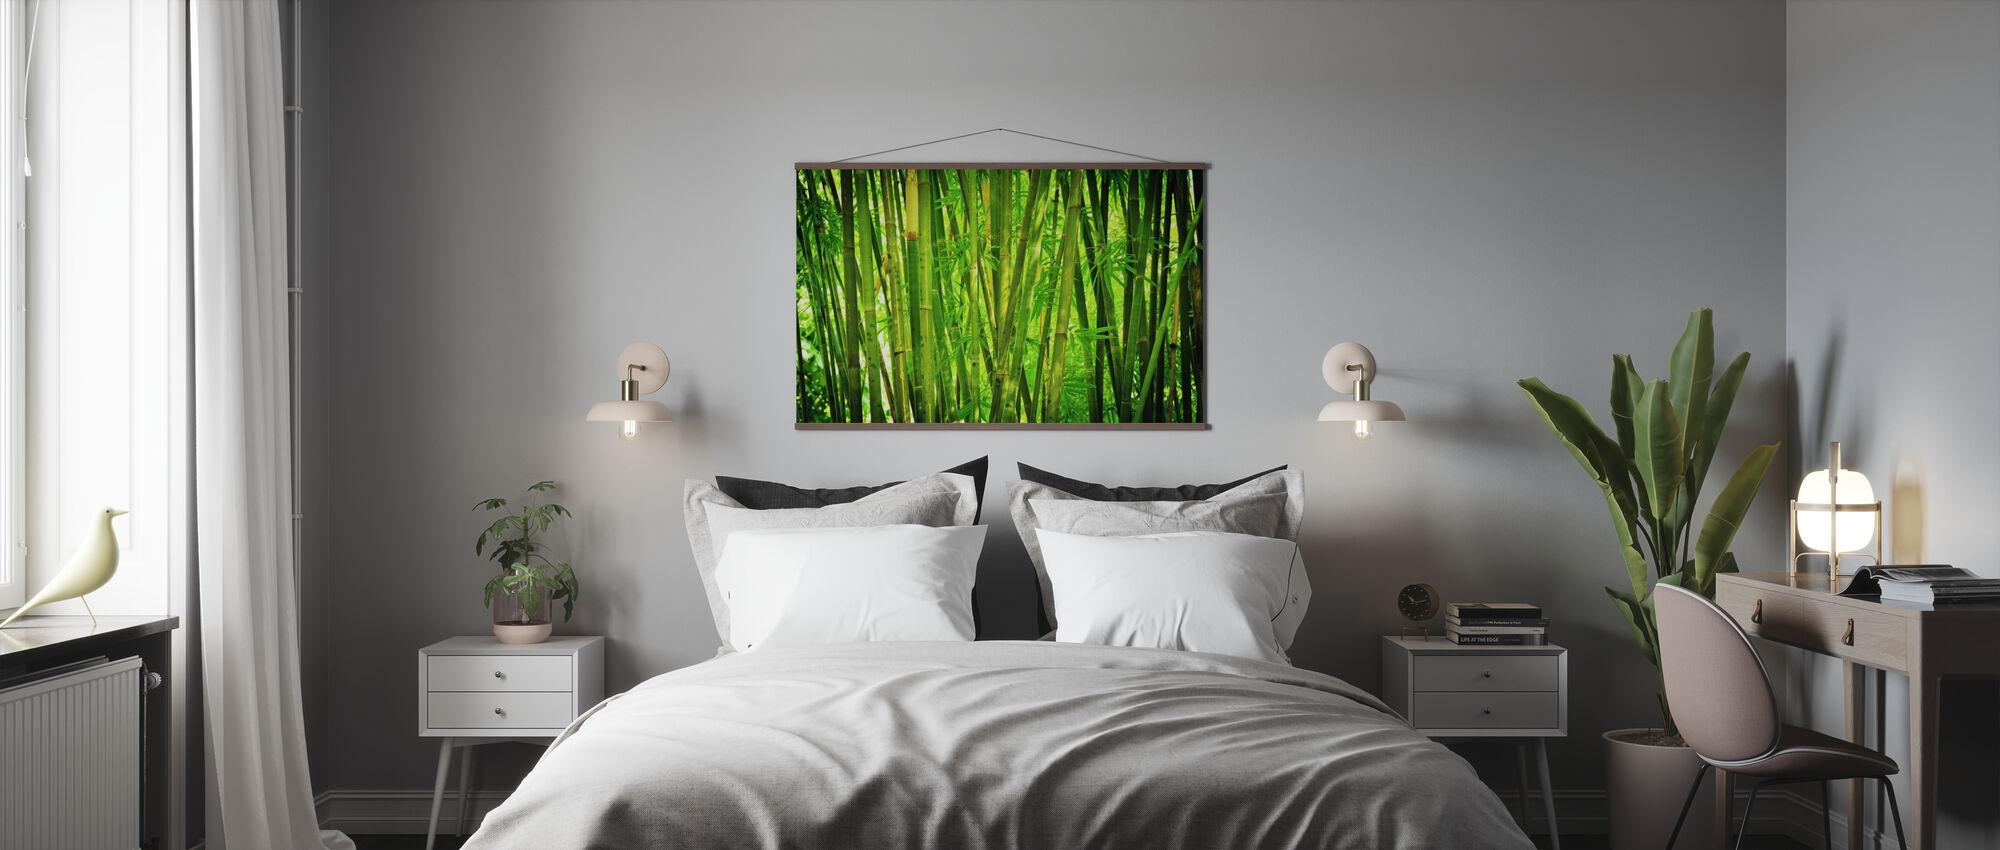 Grønn bambus - Plakat - Soverom